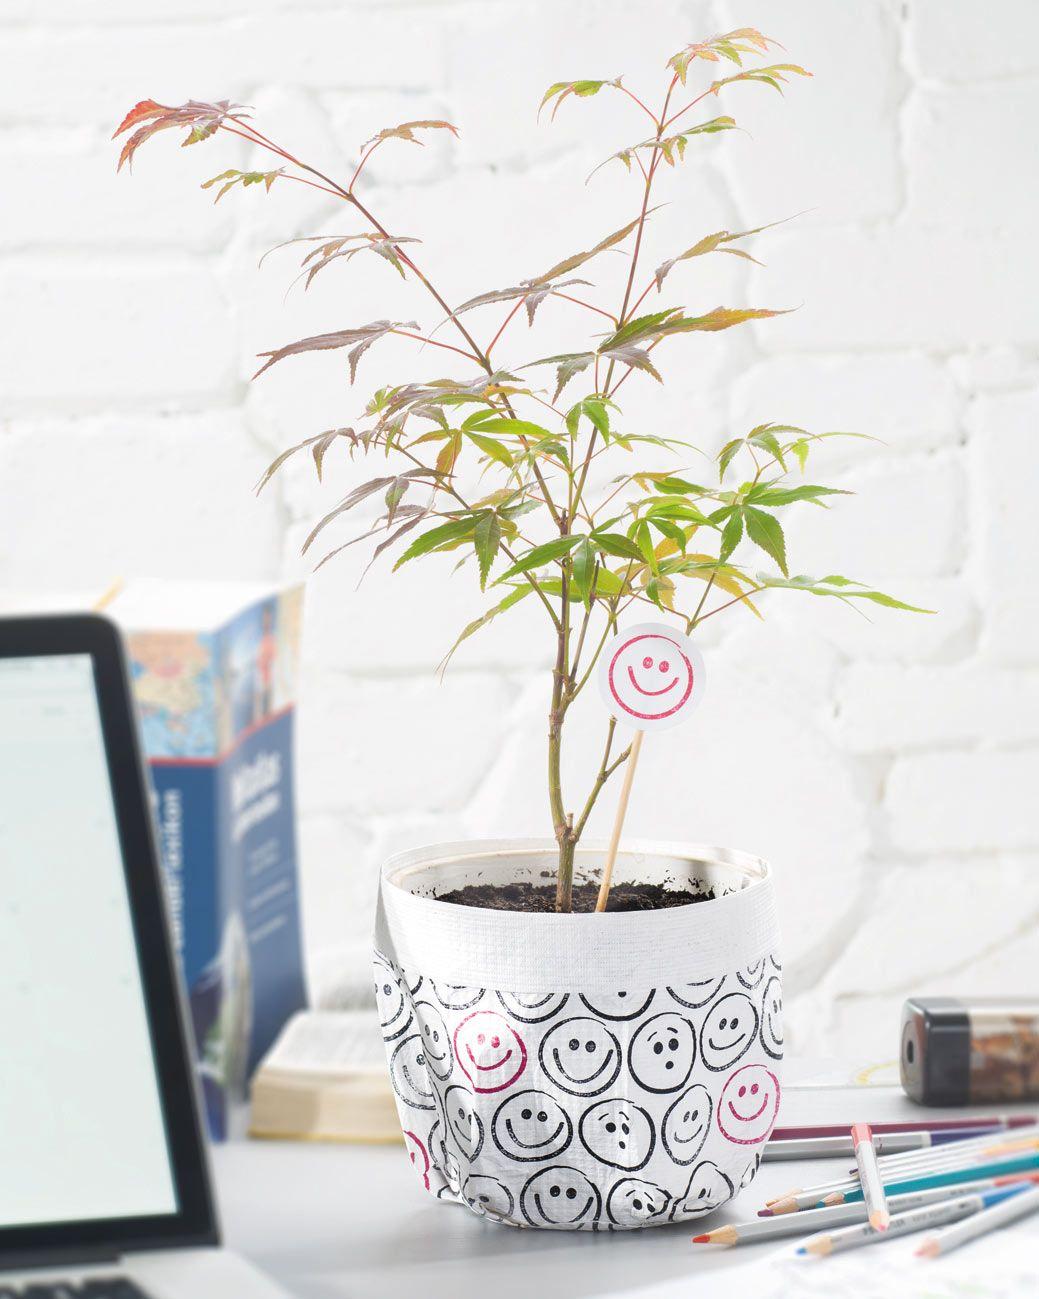 Blumentopf mit tyvek idee mit anleitung klick auf for Deko ideen blumentopf